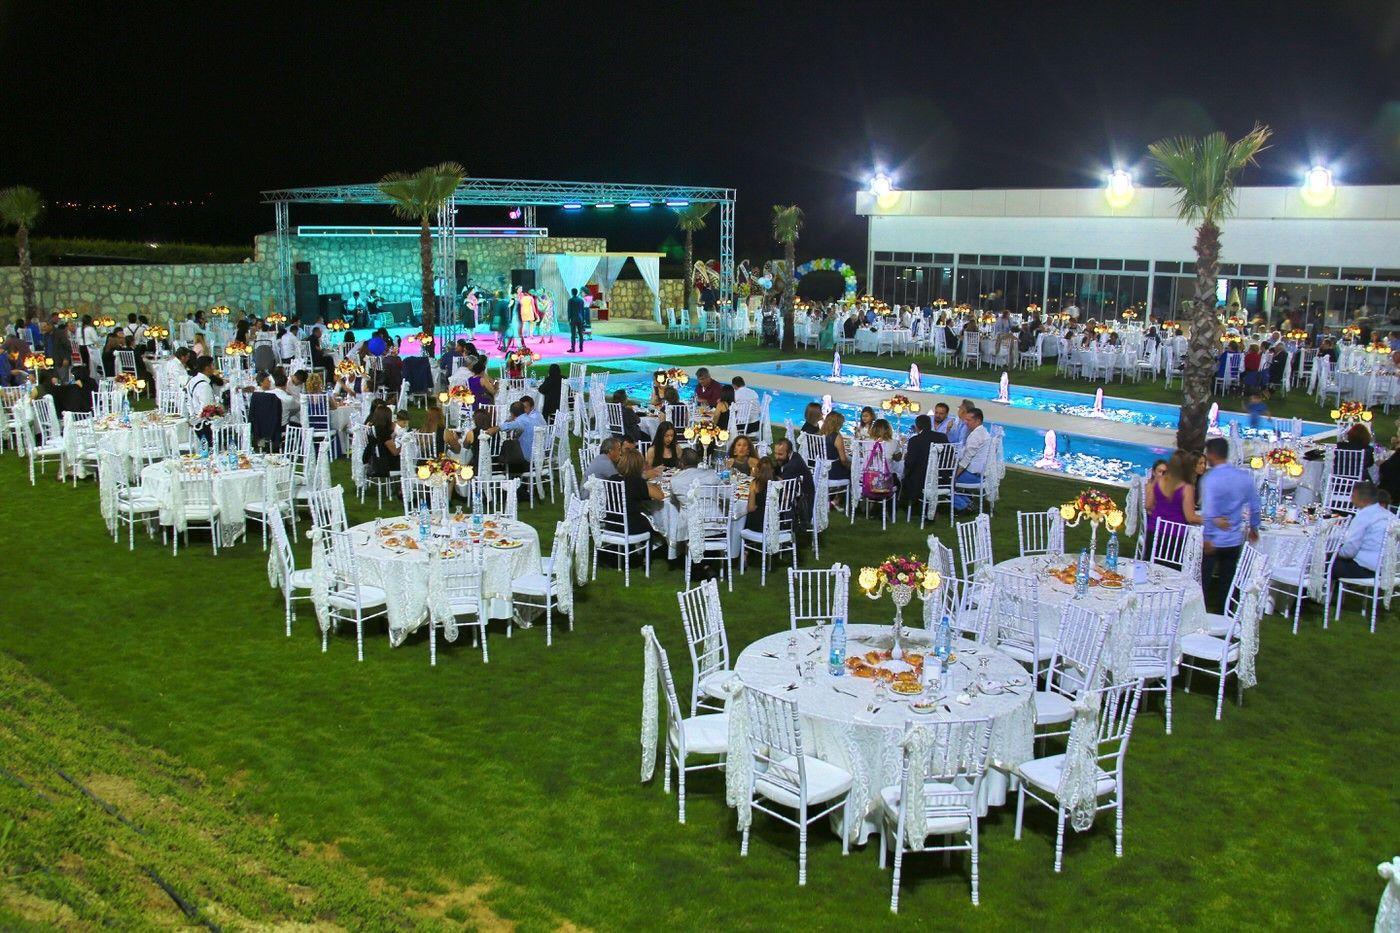 1ed8be3a9 Kırçiçeği Garden Düğün Salonları düğün fiyatları, fotoğrafları, hakkındaki  yorumlar, iletişim, adres,